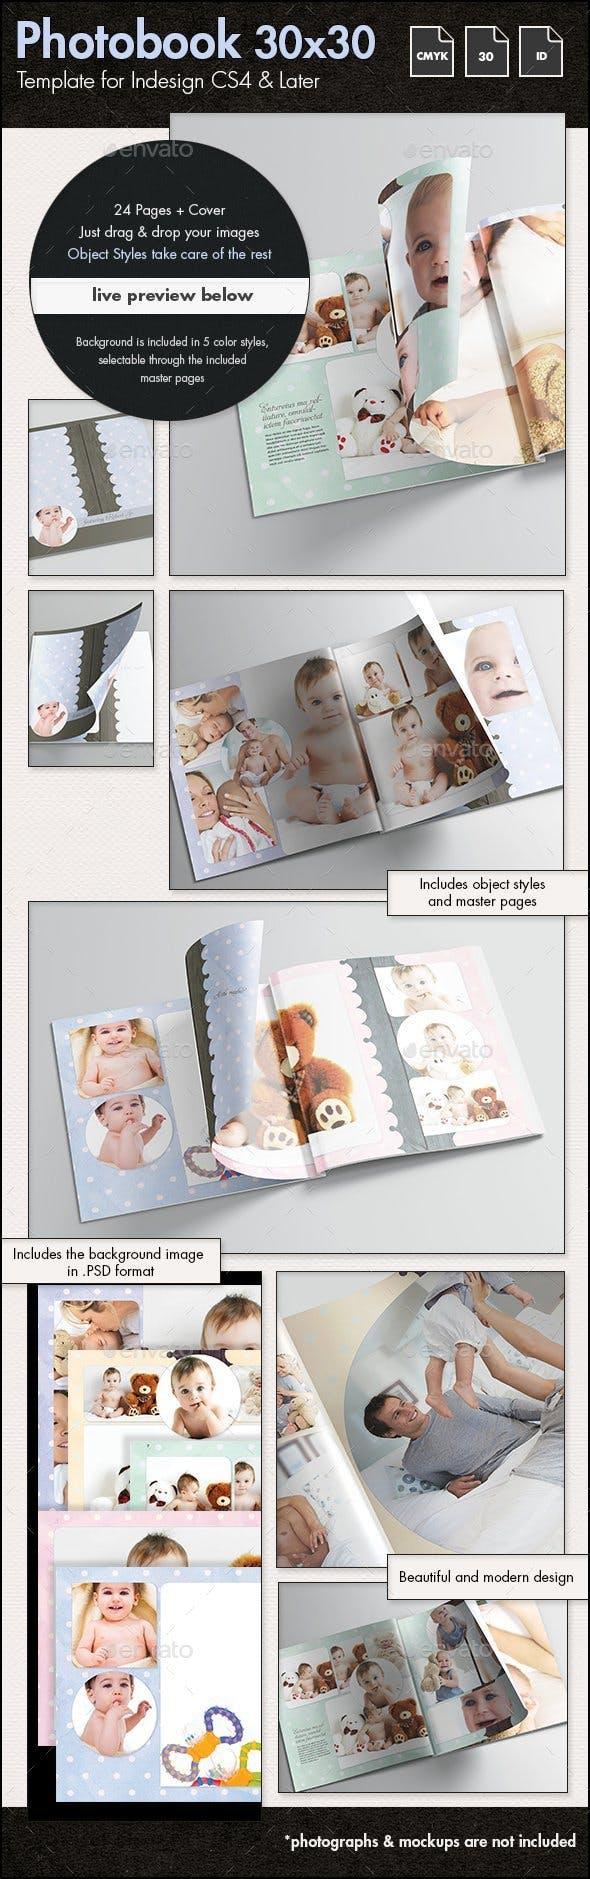 Photobook Family Memories Album Template - 30x30cm